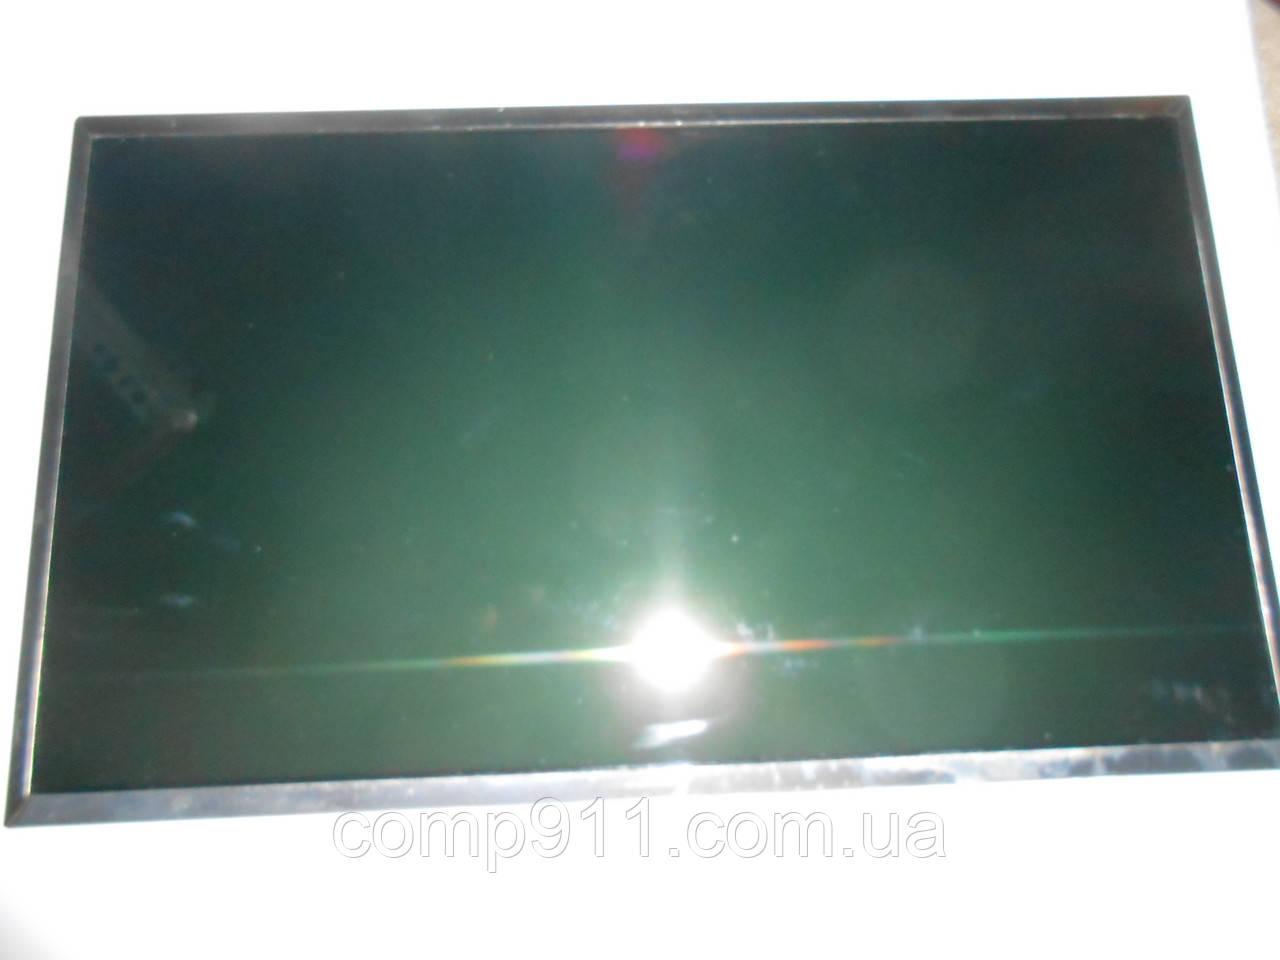 Матрица для ноутбука Матрица LTN140AT02-C07 Samsung